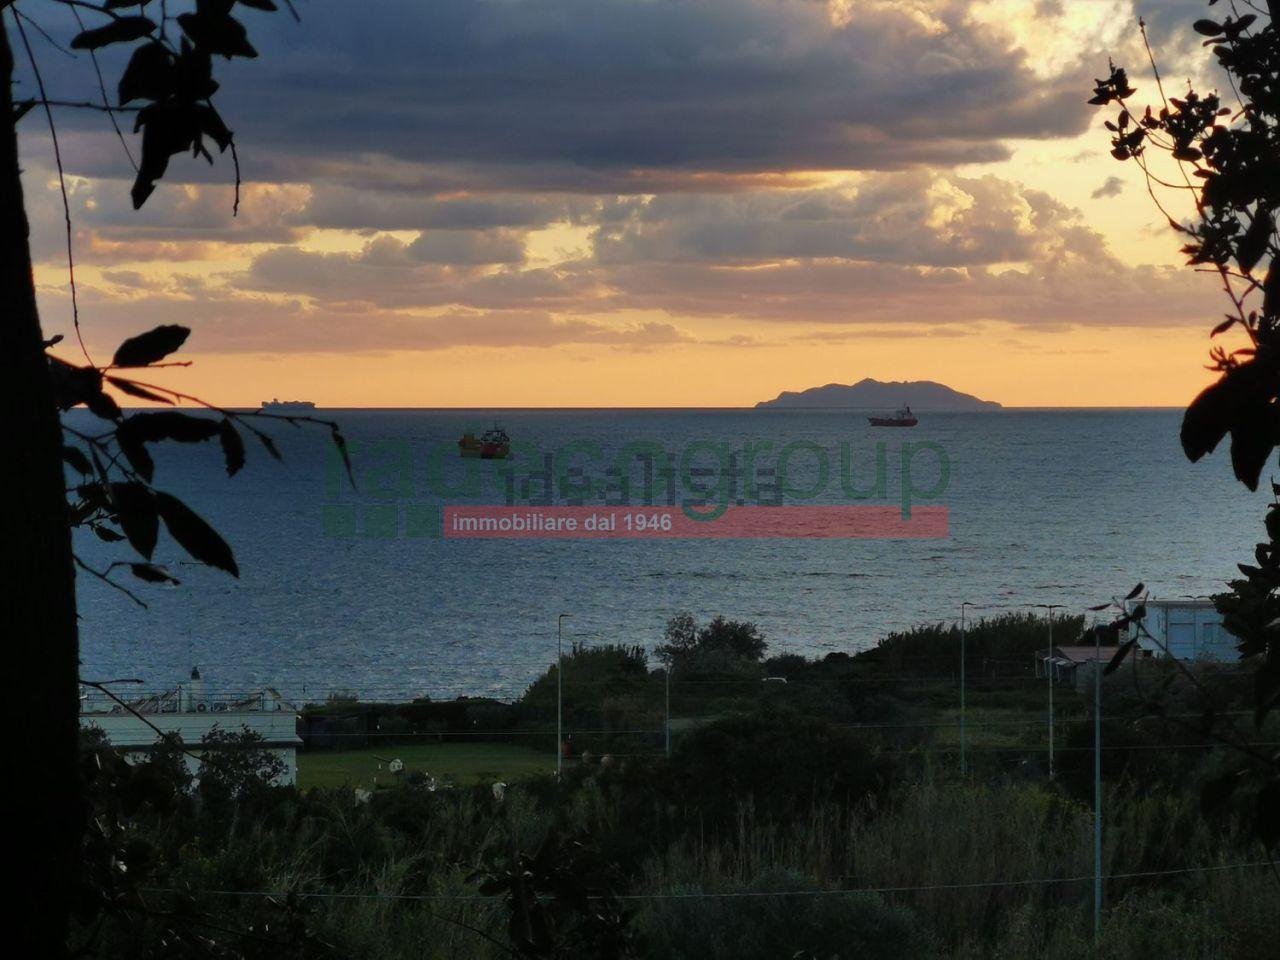 Terreno edif. residenziale in vendita - Antignano, Livorno